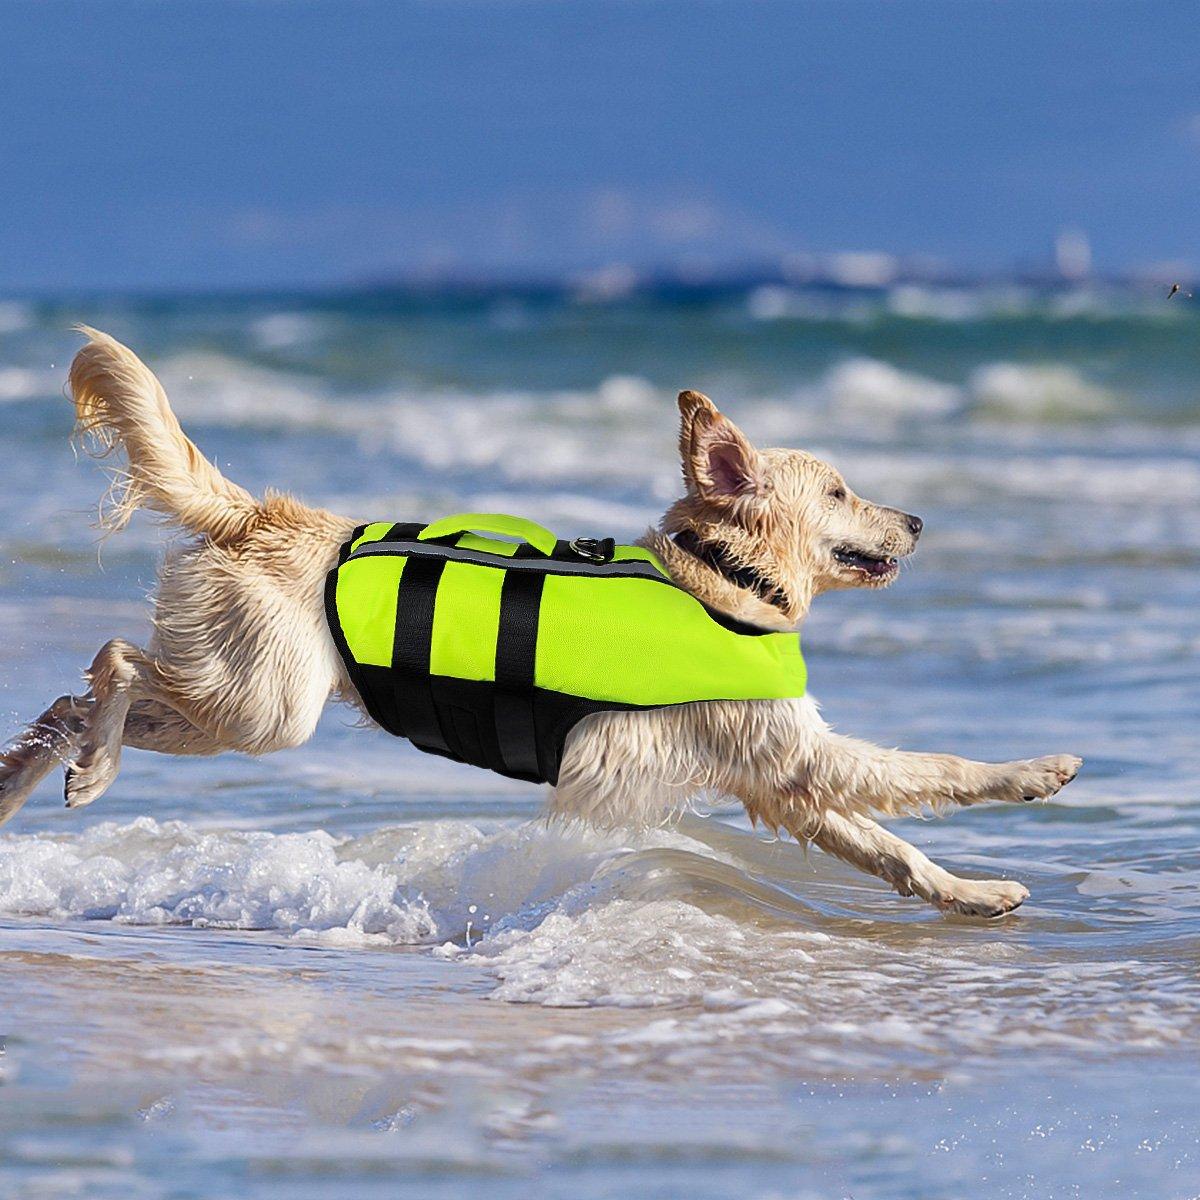 Medium Petleso Dog Saver Life Jacket, Inflatable Adjustable Medium Dog Life Jacket for Swimming Surfing Boating Dog Jacket, Green